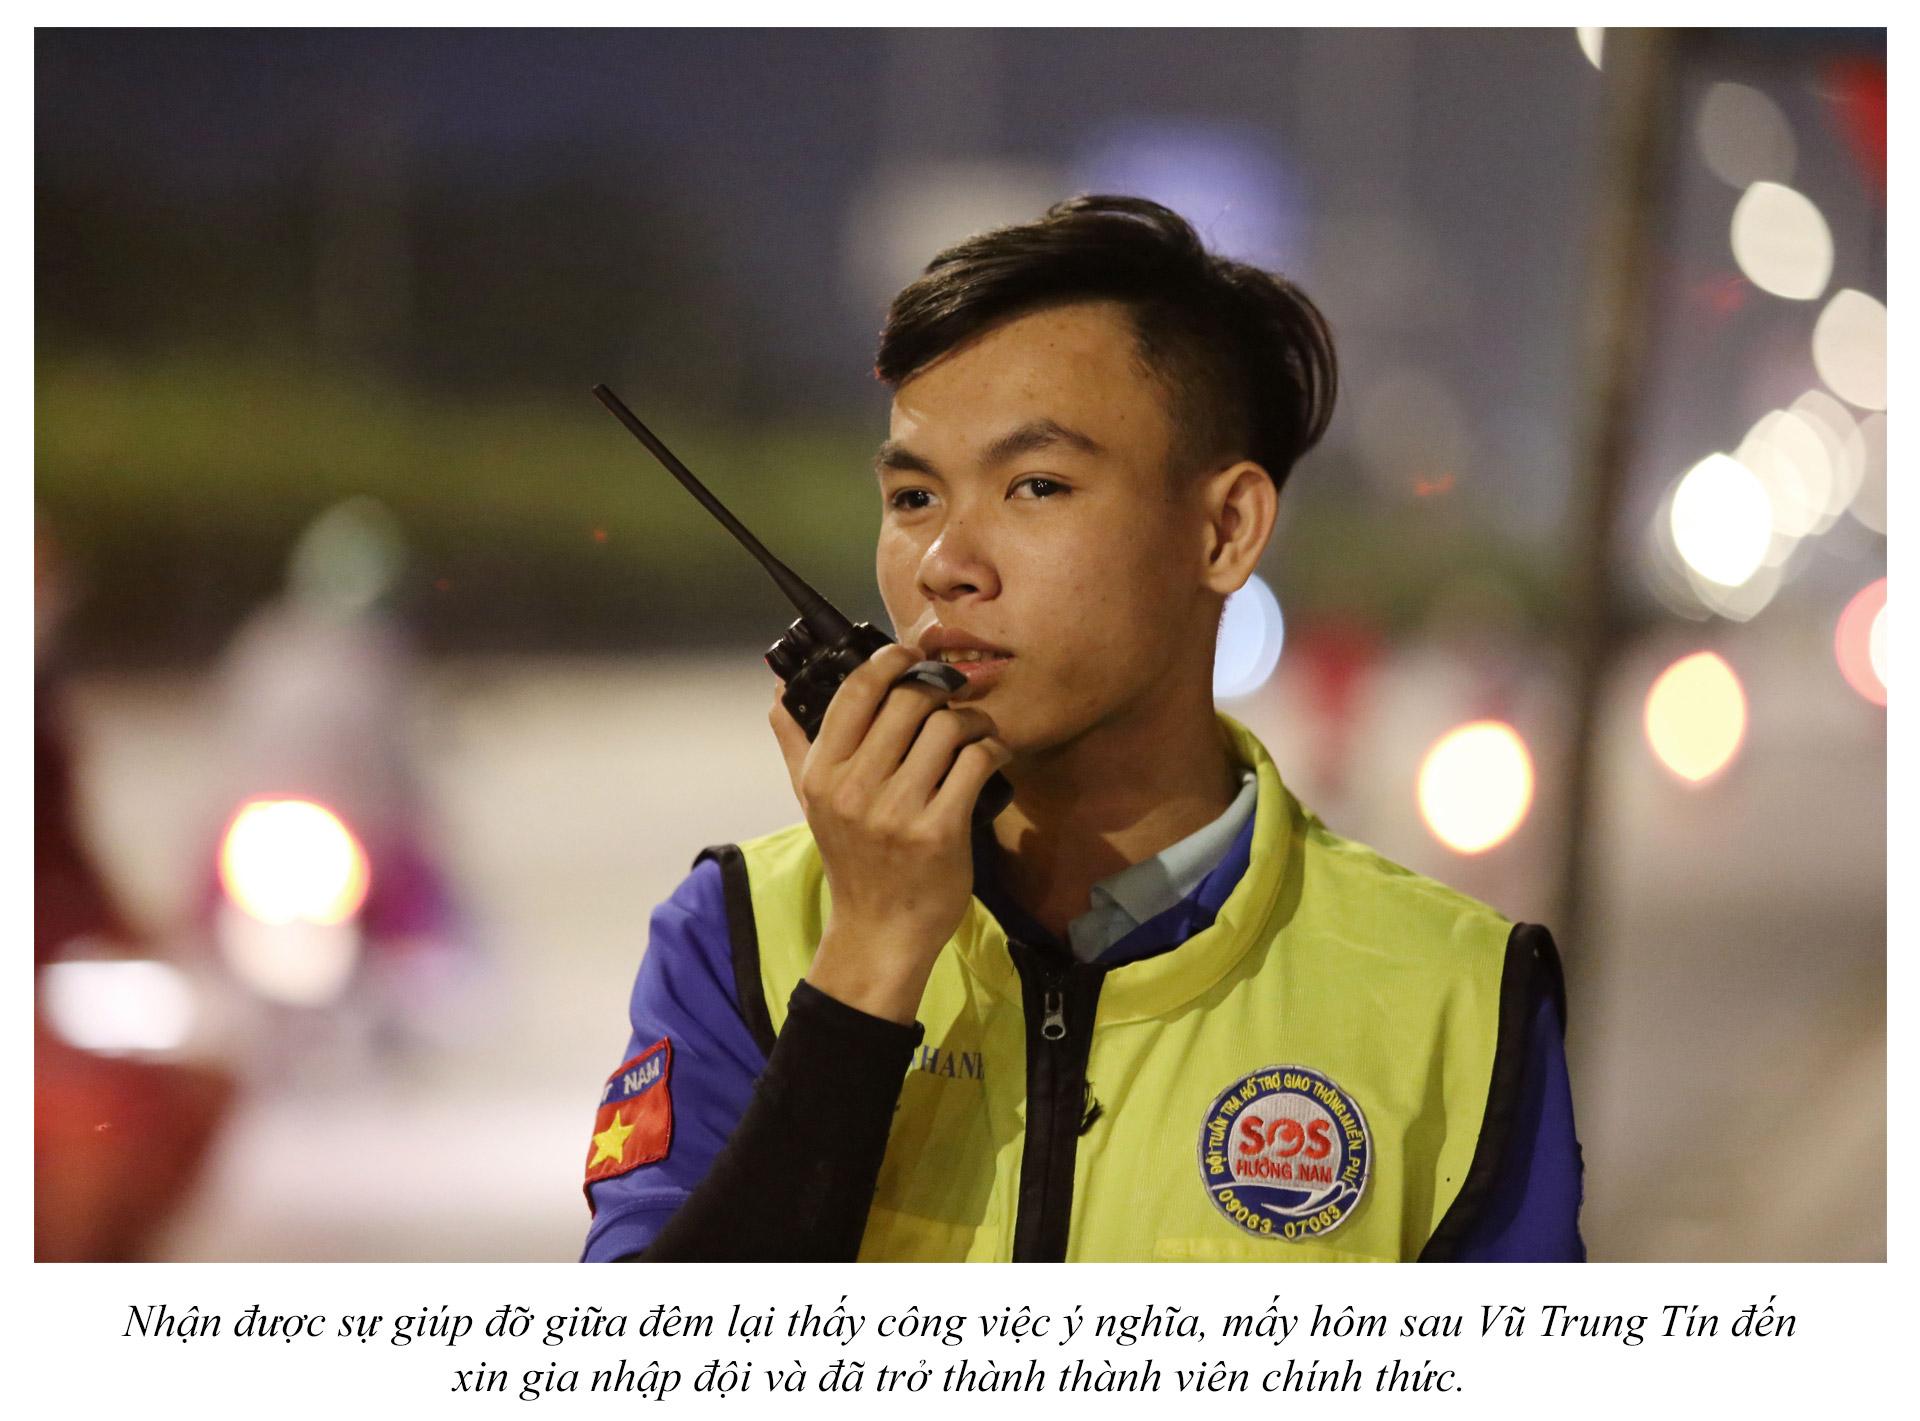 Biệt đội cứu hộ xuyên đêm miễn phí ở Sài Gòn - ảnh 4